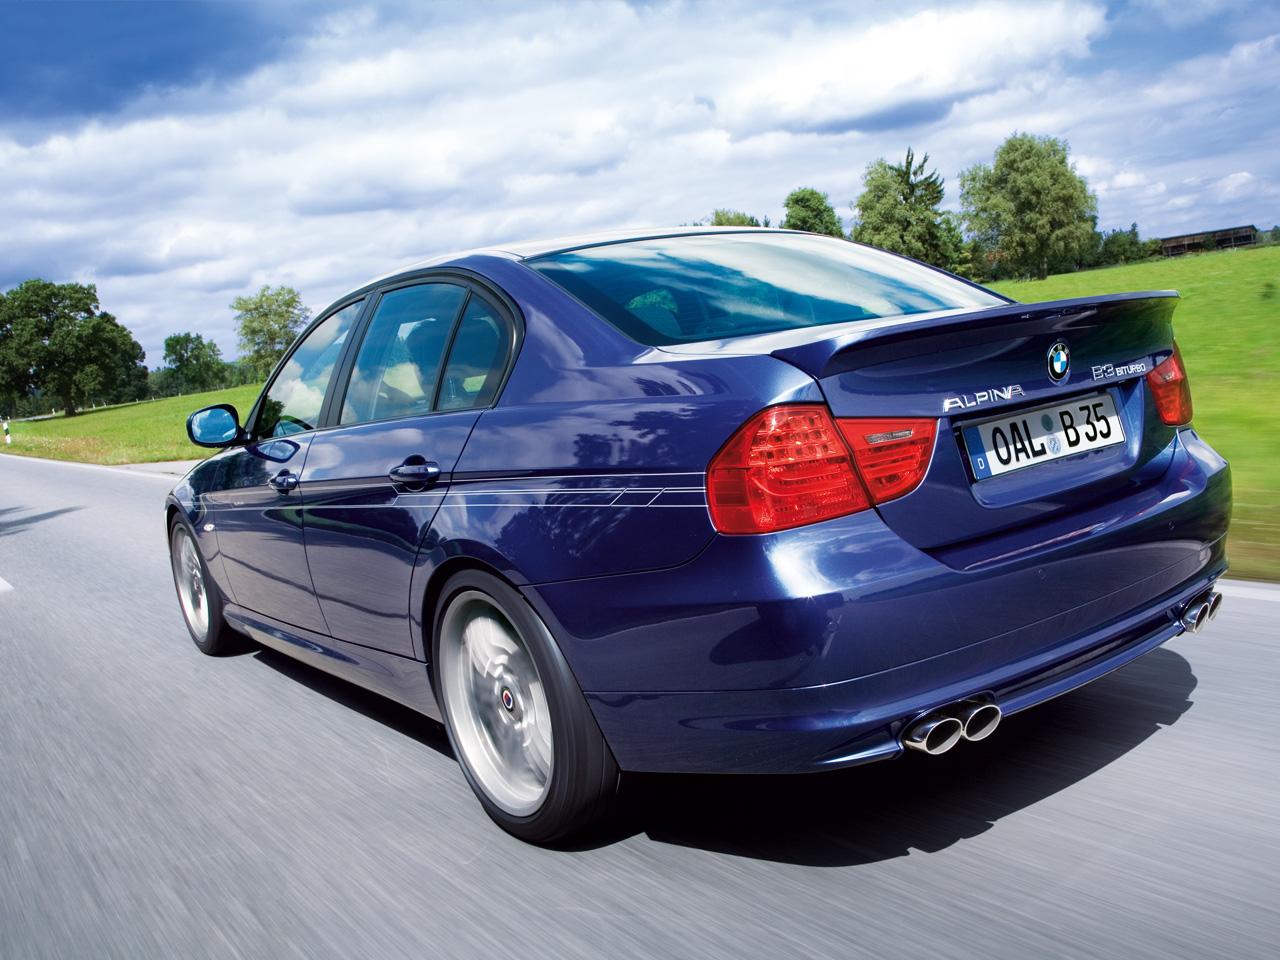 Alpina B3 Facelifted Lci E90 Sedan And E91 Touring Hi Res Pics